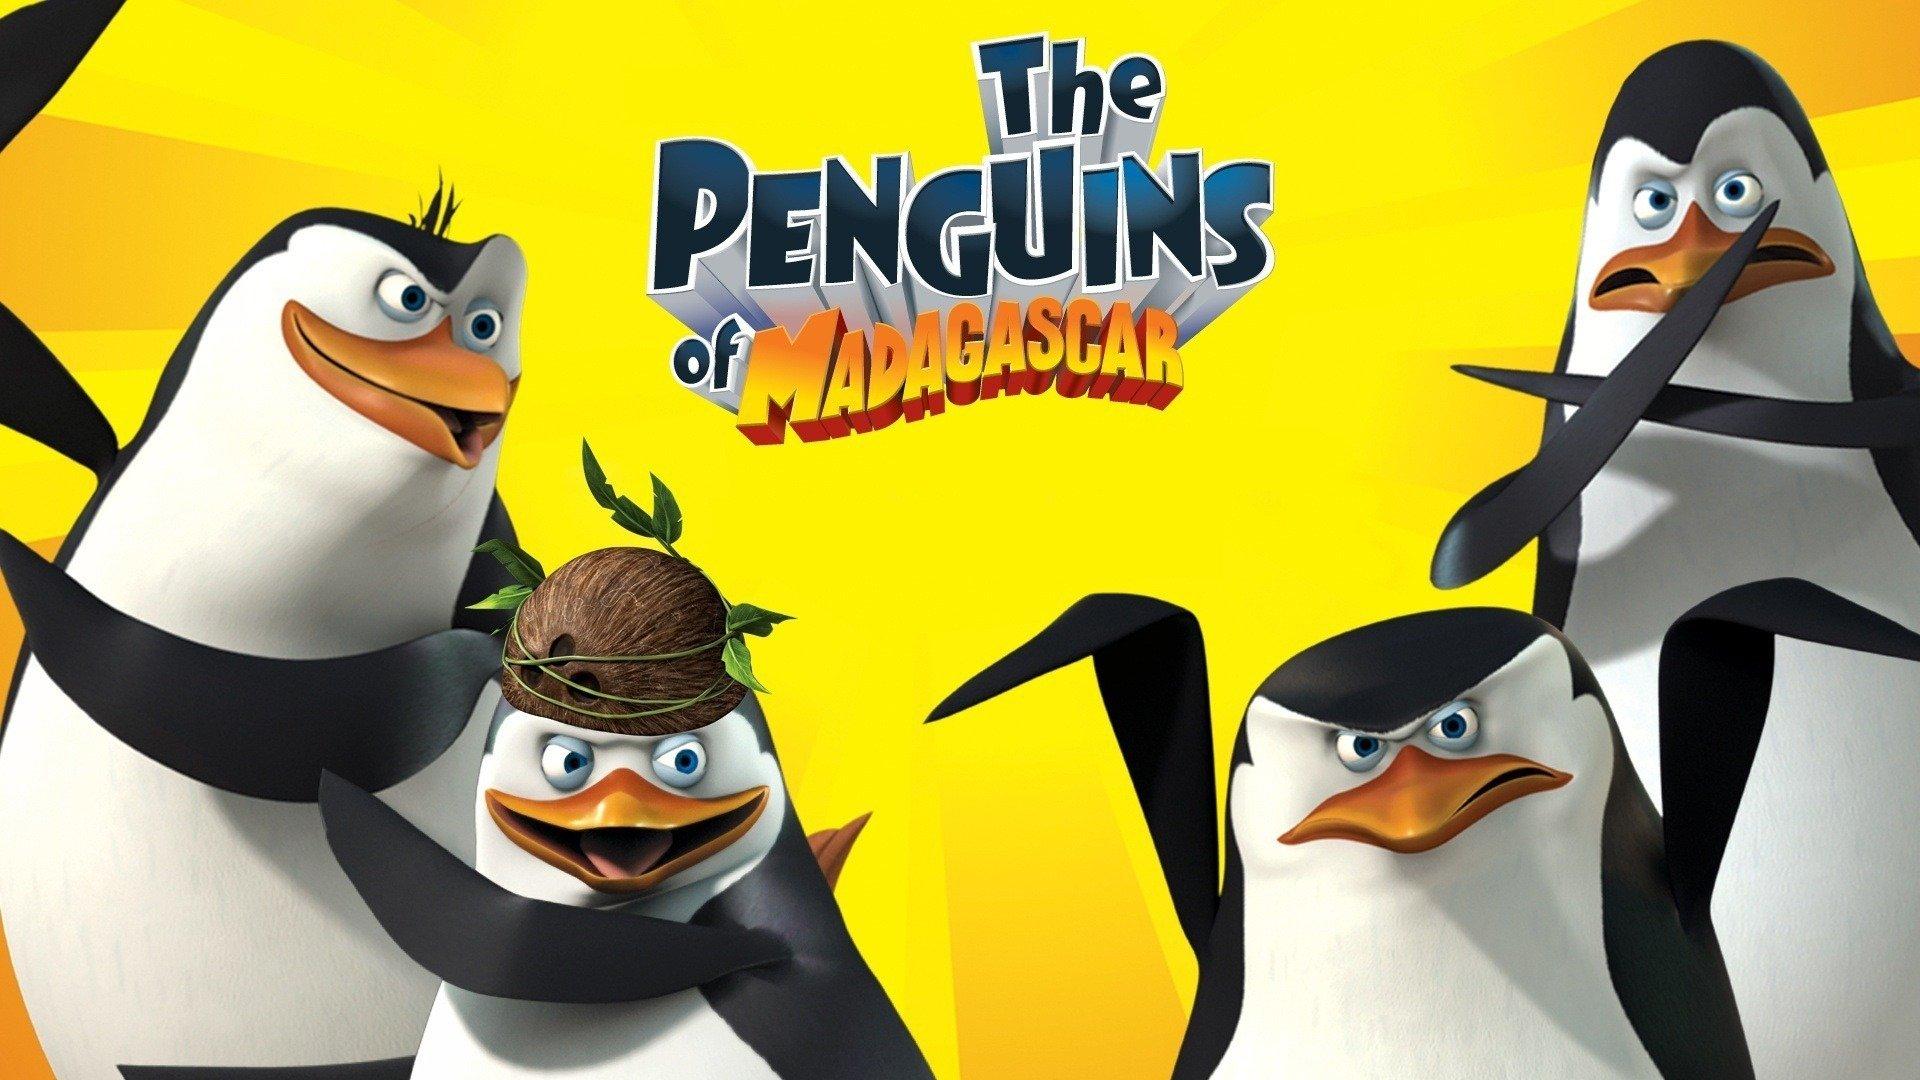 madagaskar penguenleri